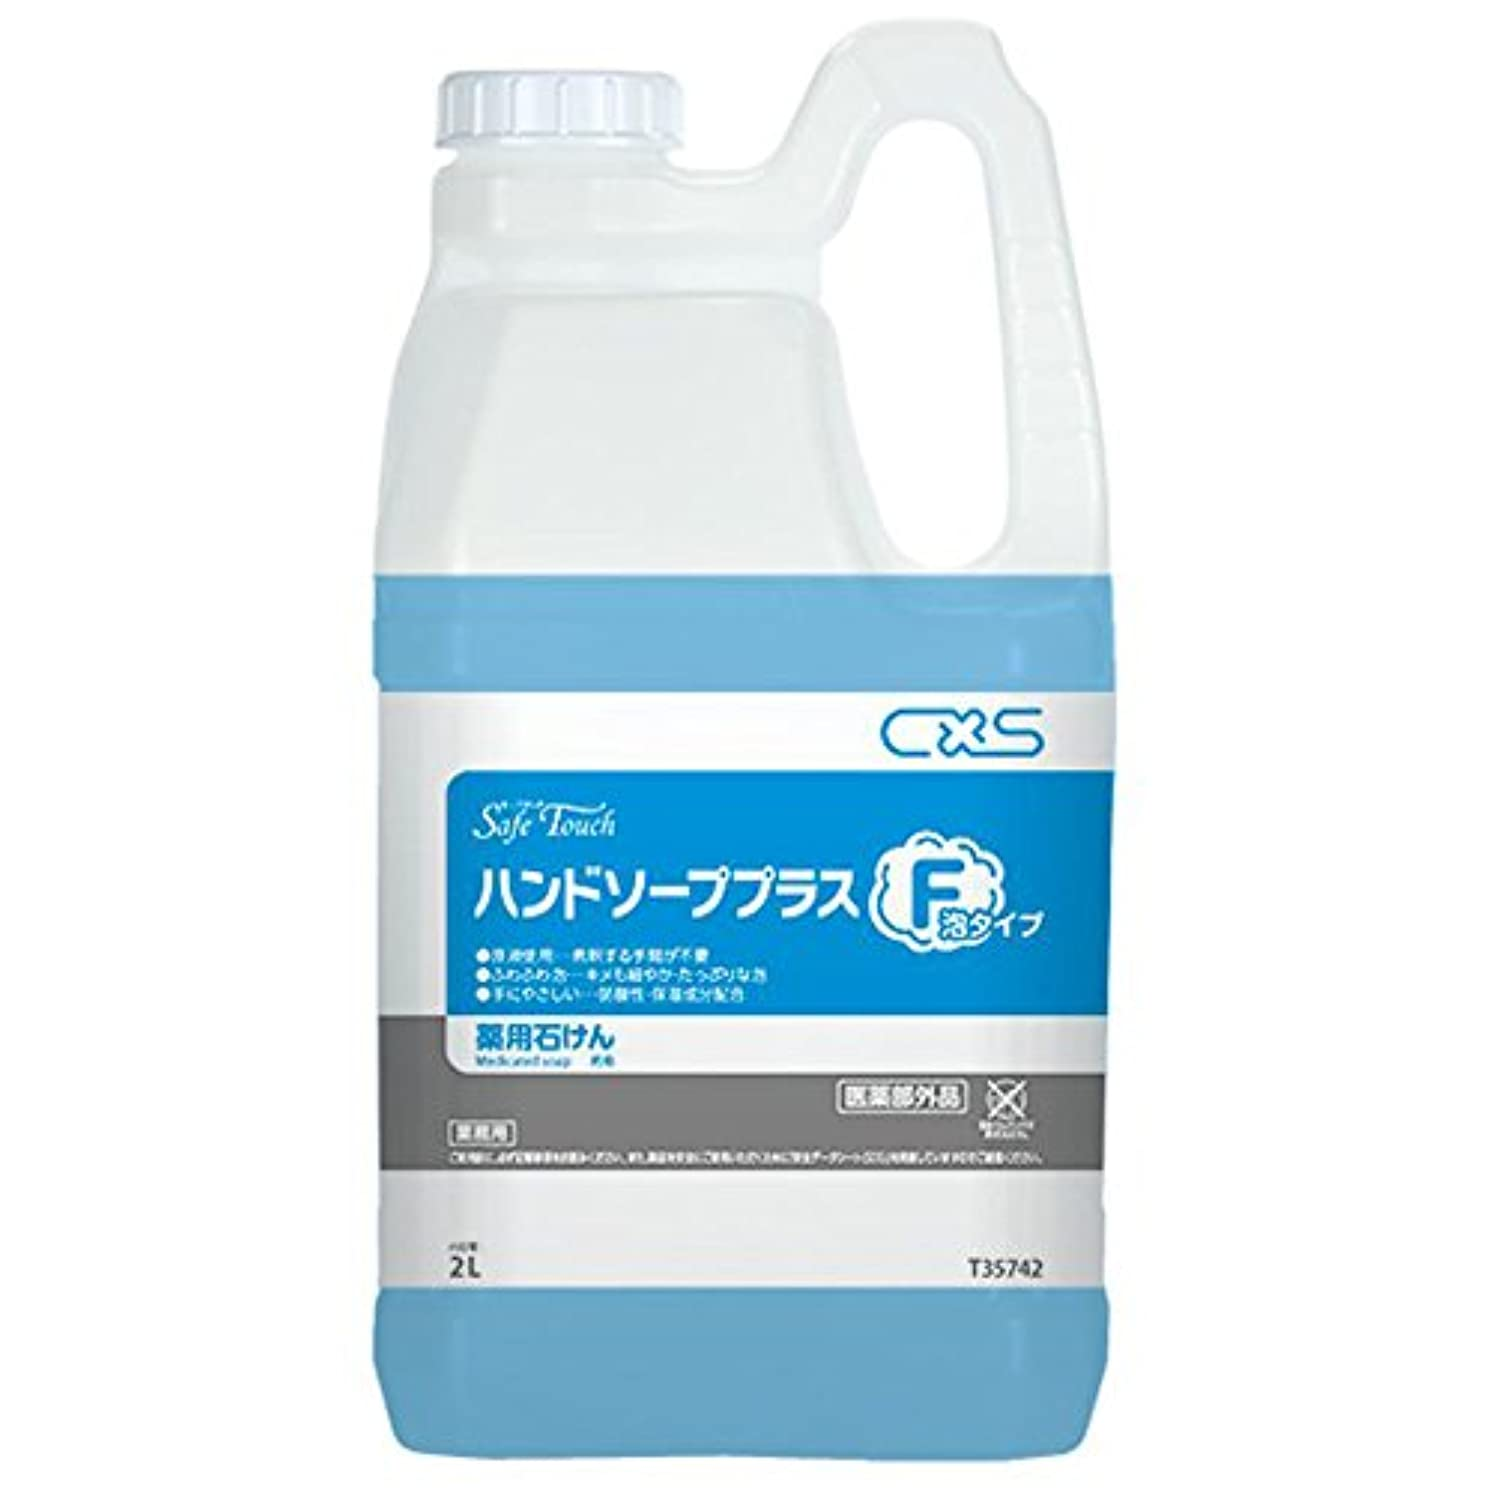 回復する時間厳守退却シーバイエス(C×S) 殺菌?消毒用手洗い石けん セーフタッチハンドソーププラスF 2L